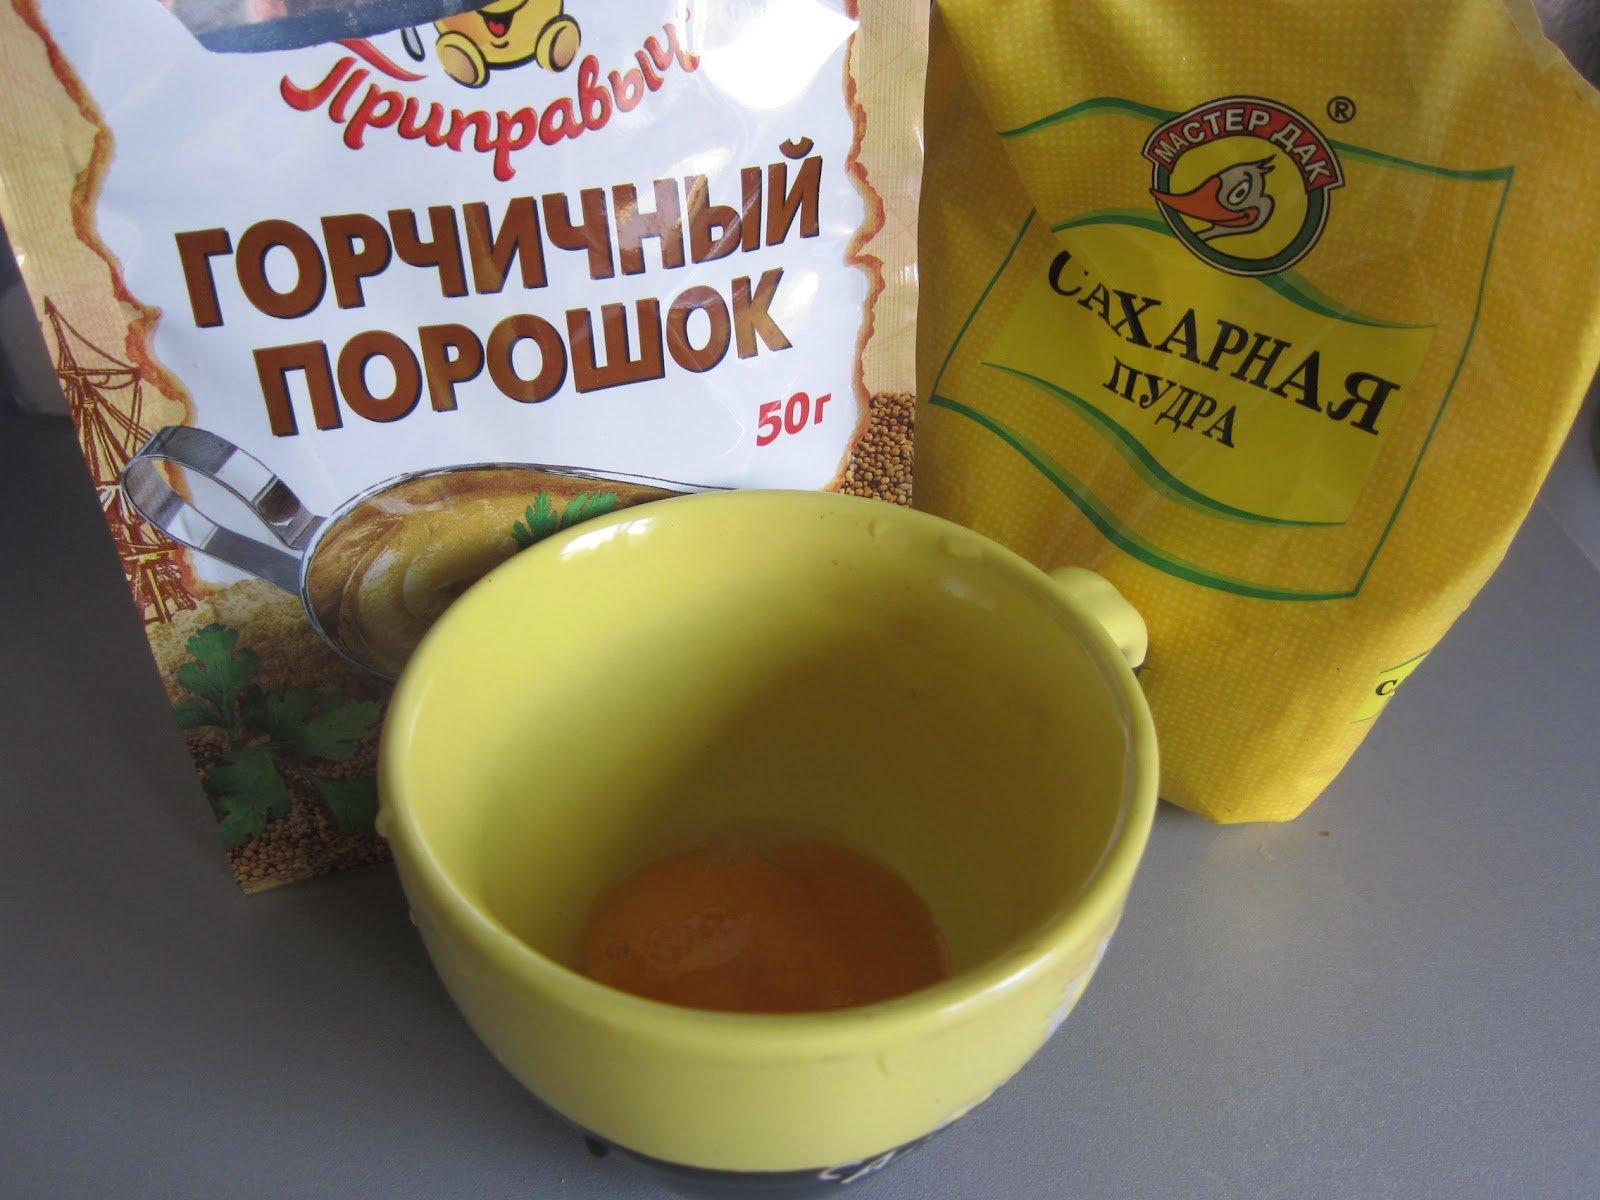 Маска для волос с горчицей и оливковым маслом от выпадения